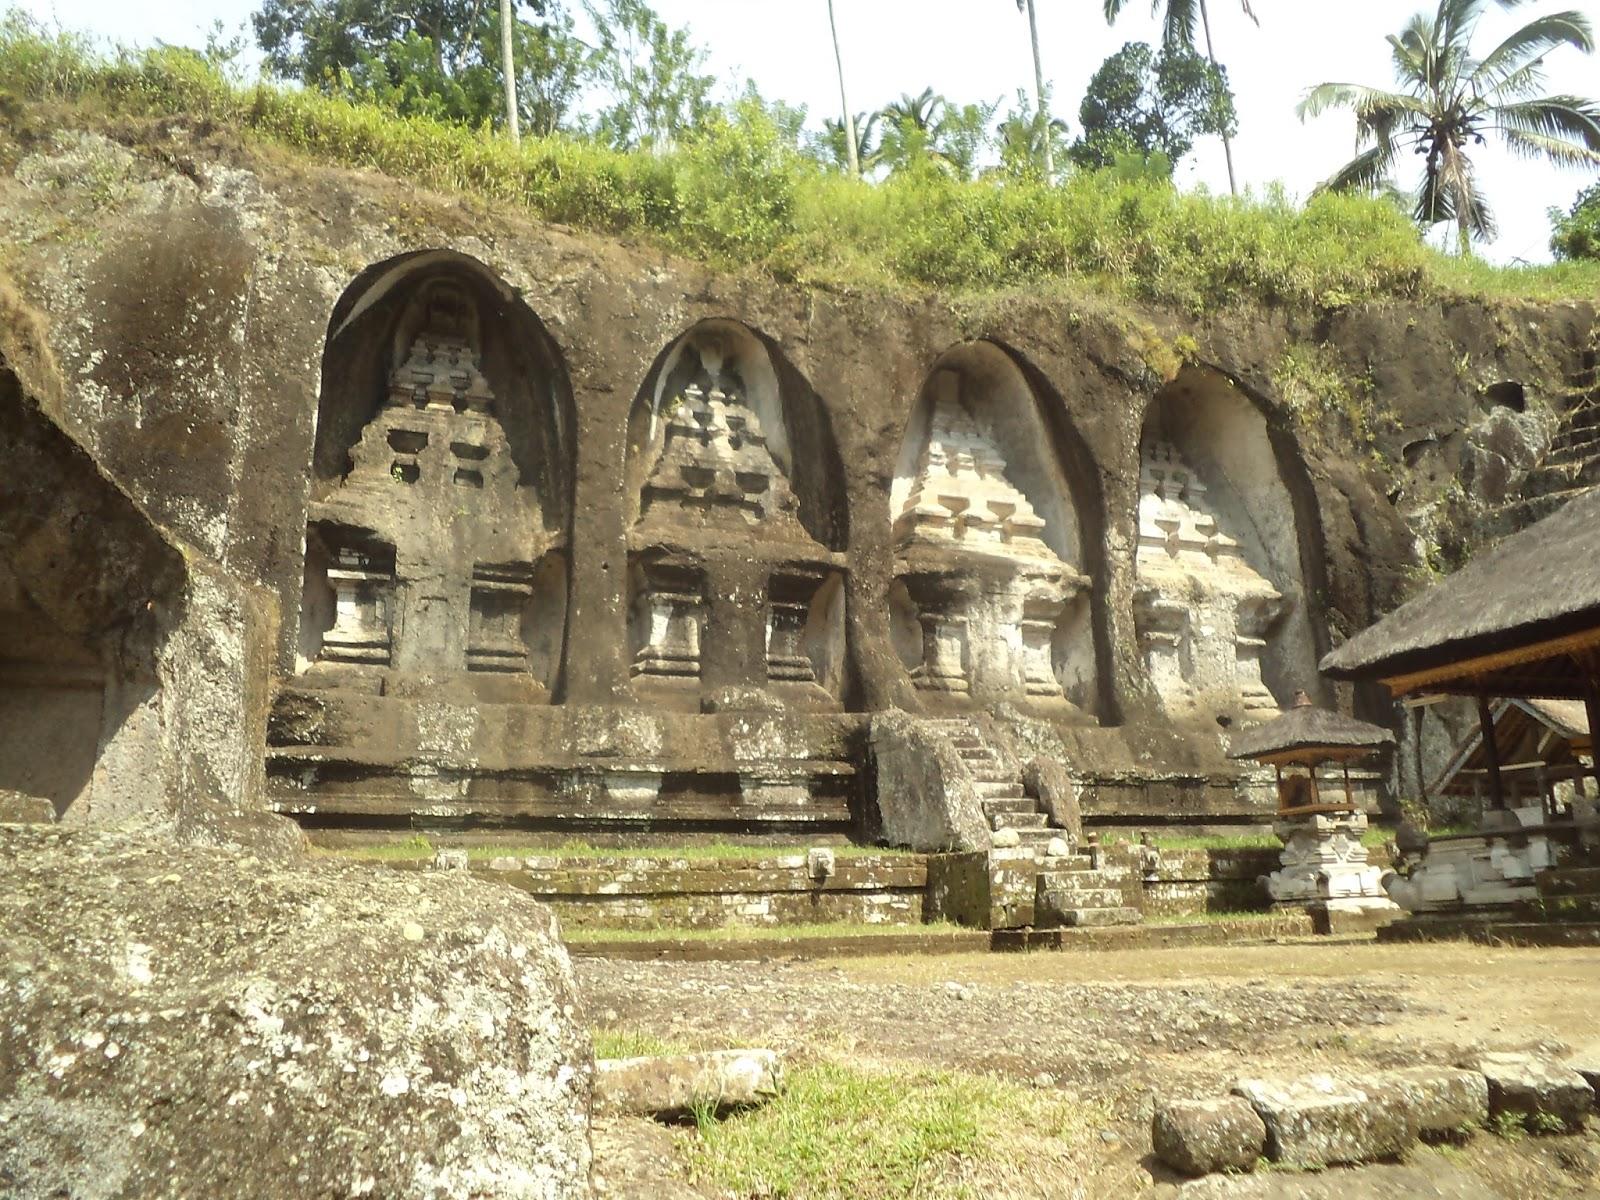 Sejarah Gunung Kawi Tampaksiring Bali Buku Catatan Sekolah Tampksiring Candi